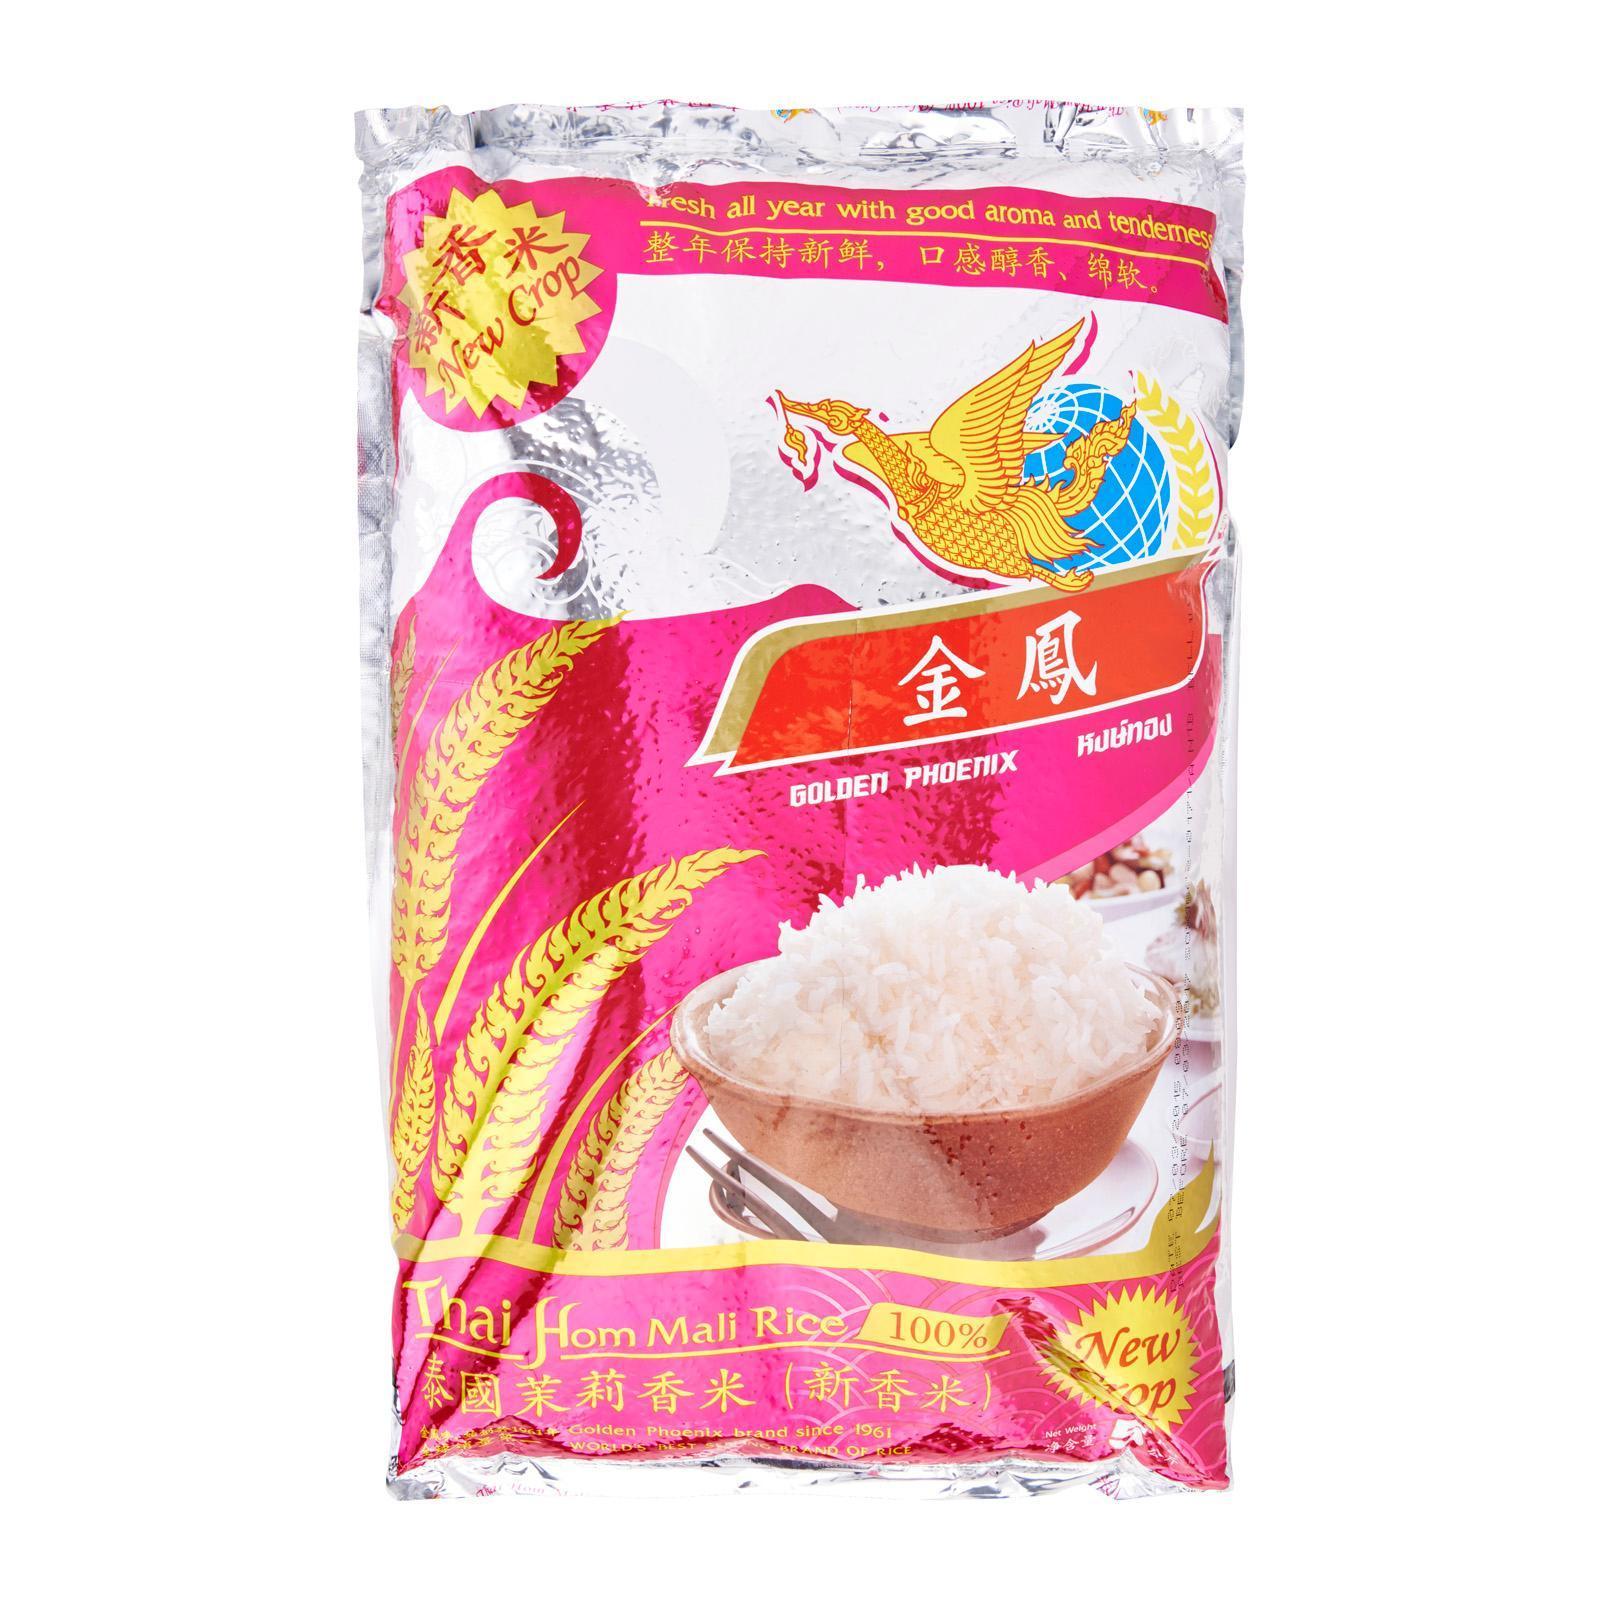 GOLDEN PHOENIX Thai Hom Mali Rice - New Crop 5kg